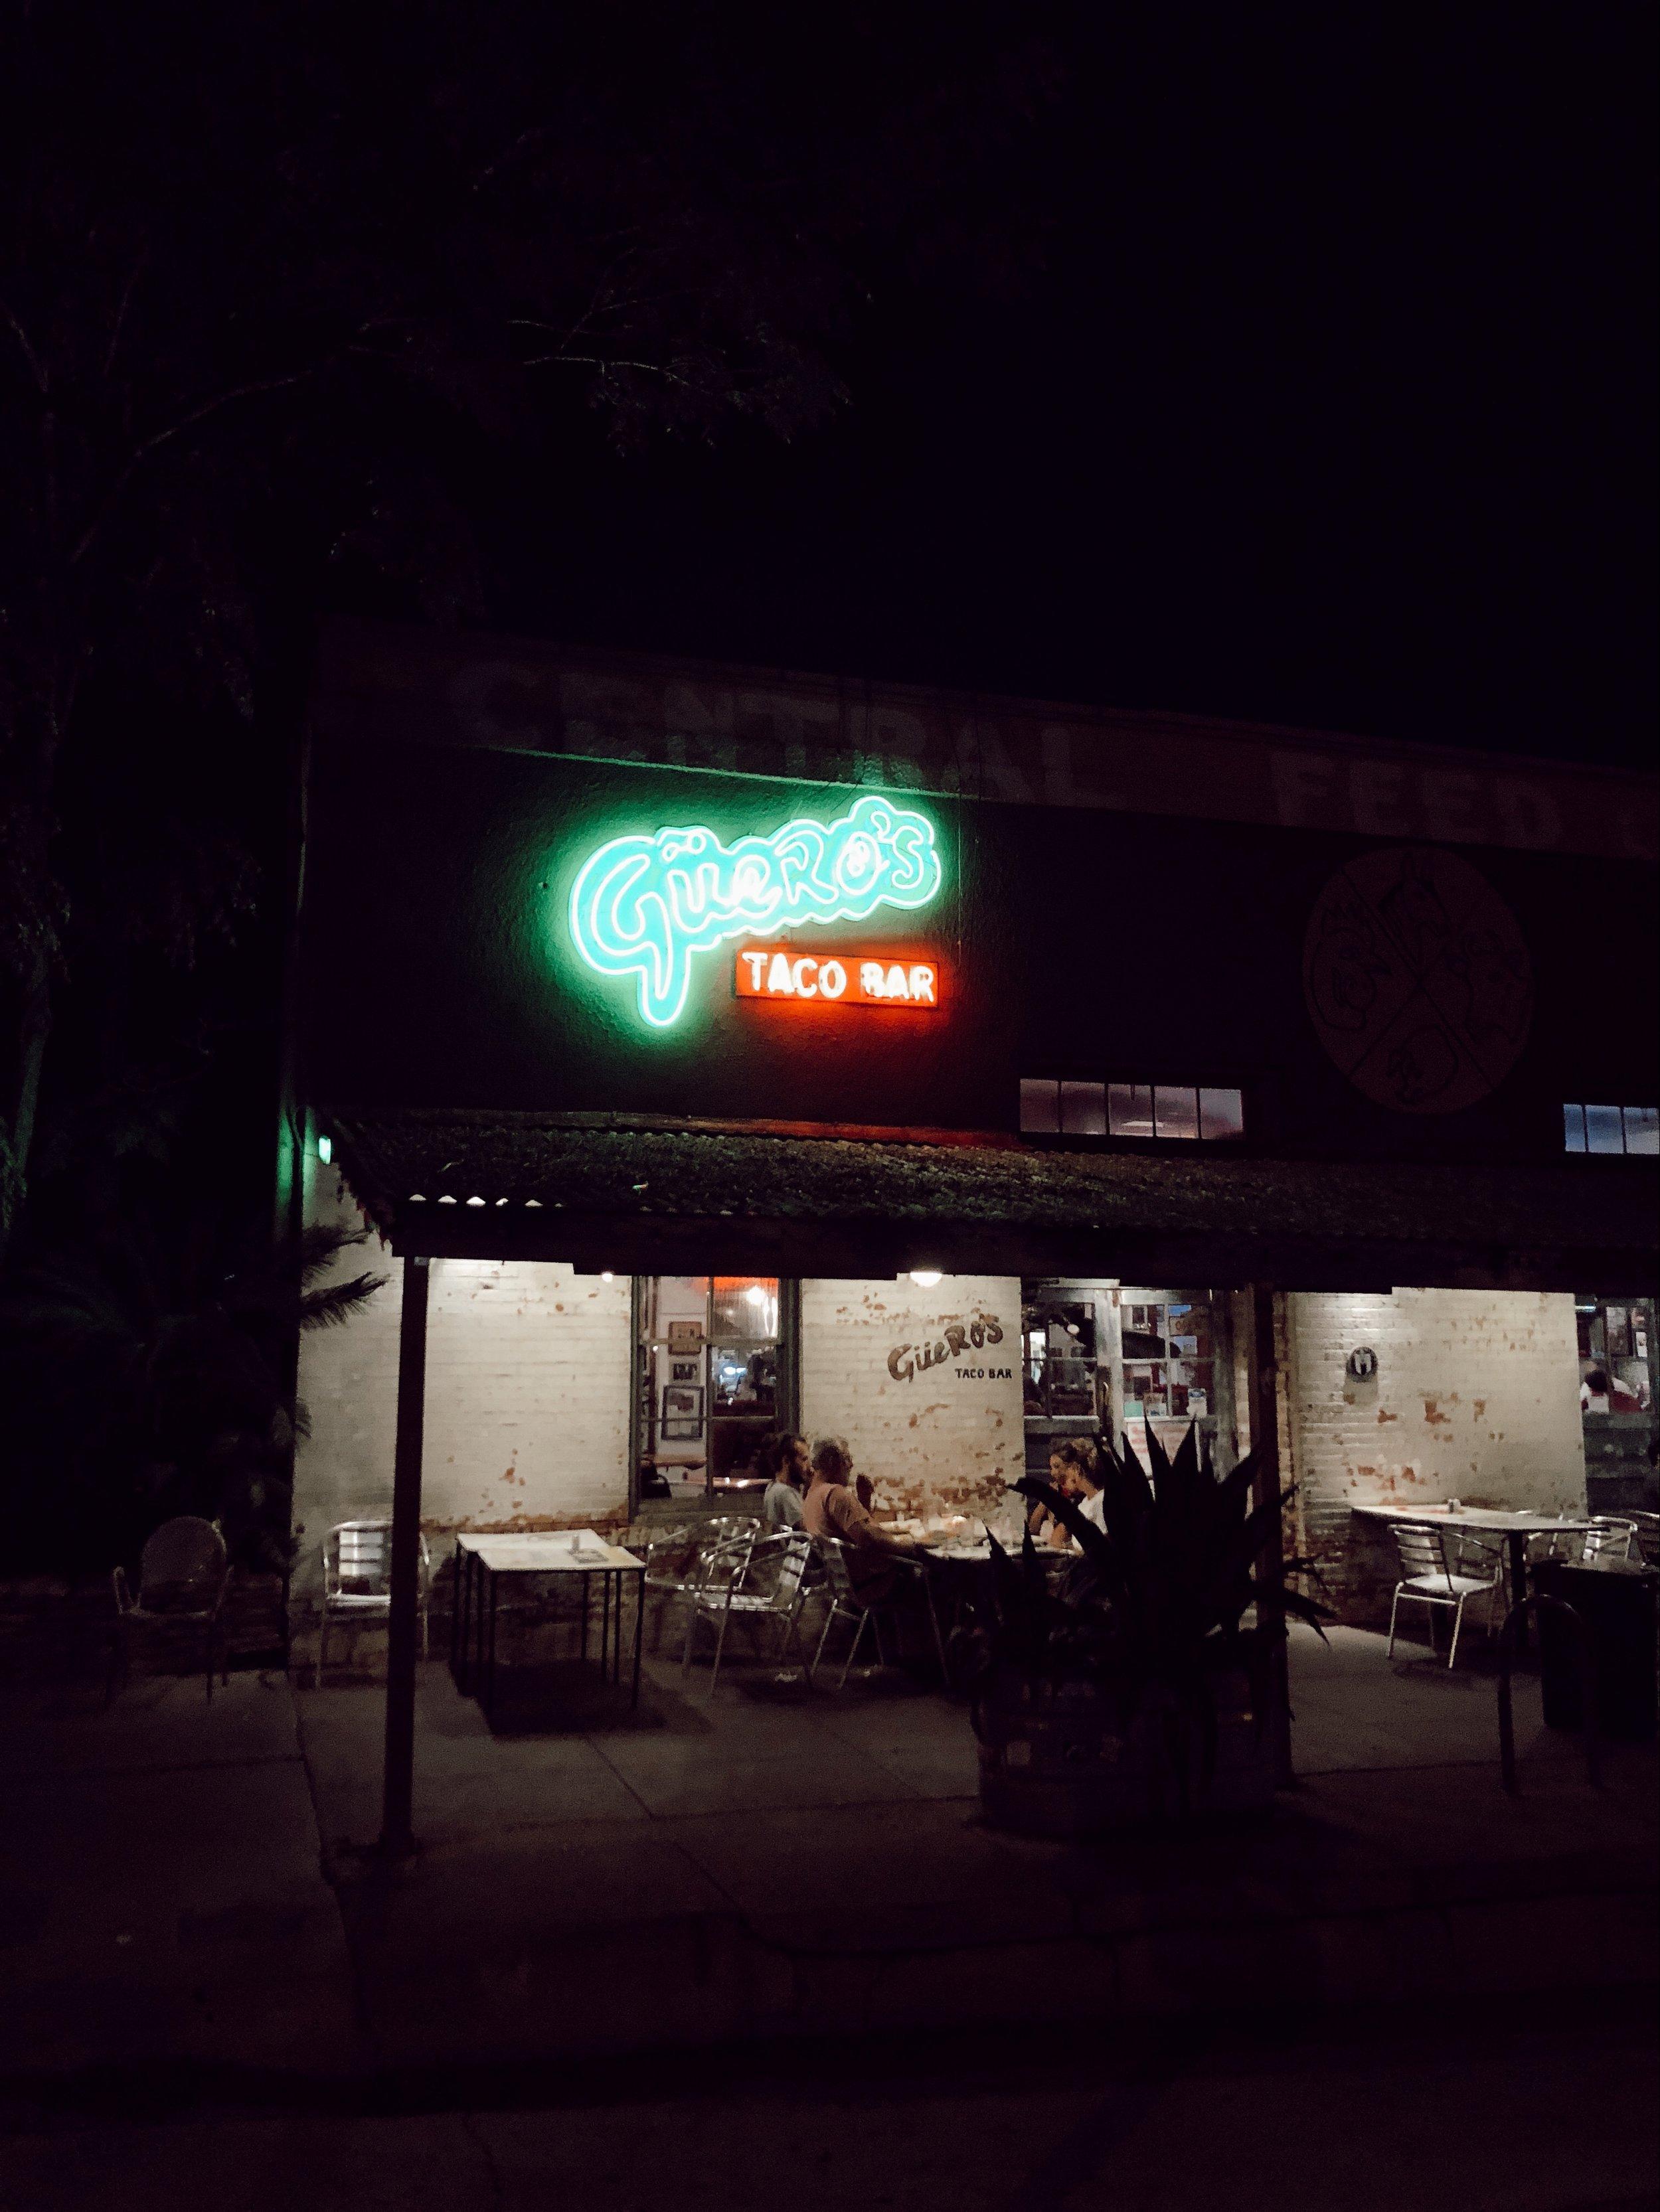 gueros-taco-bar.JPG